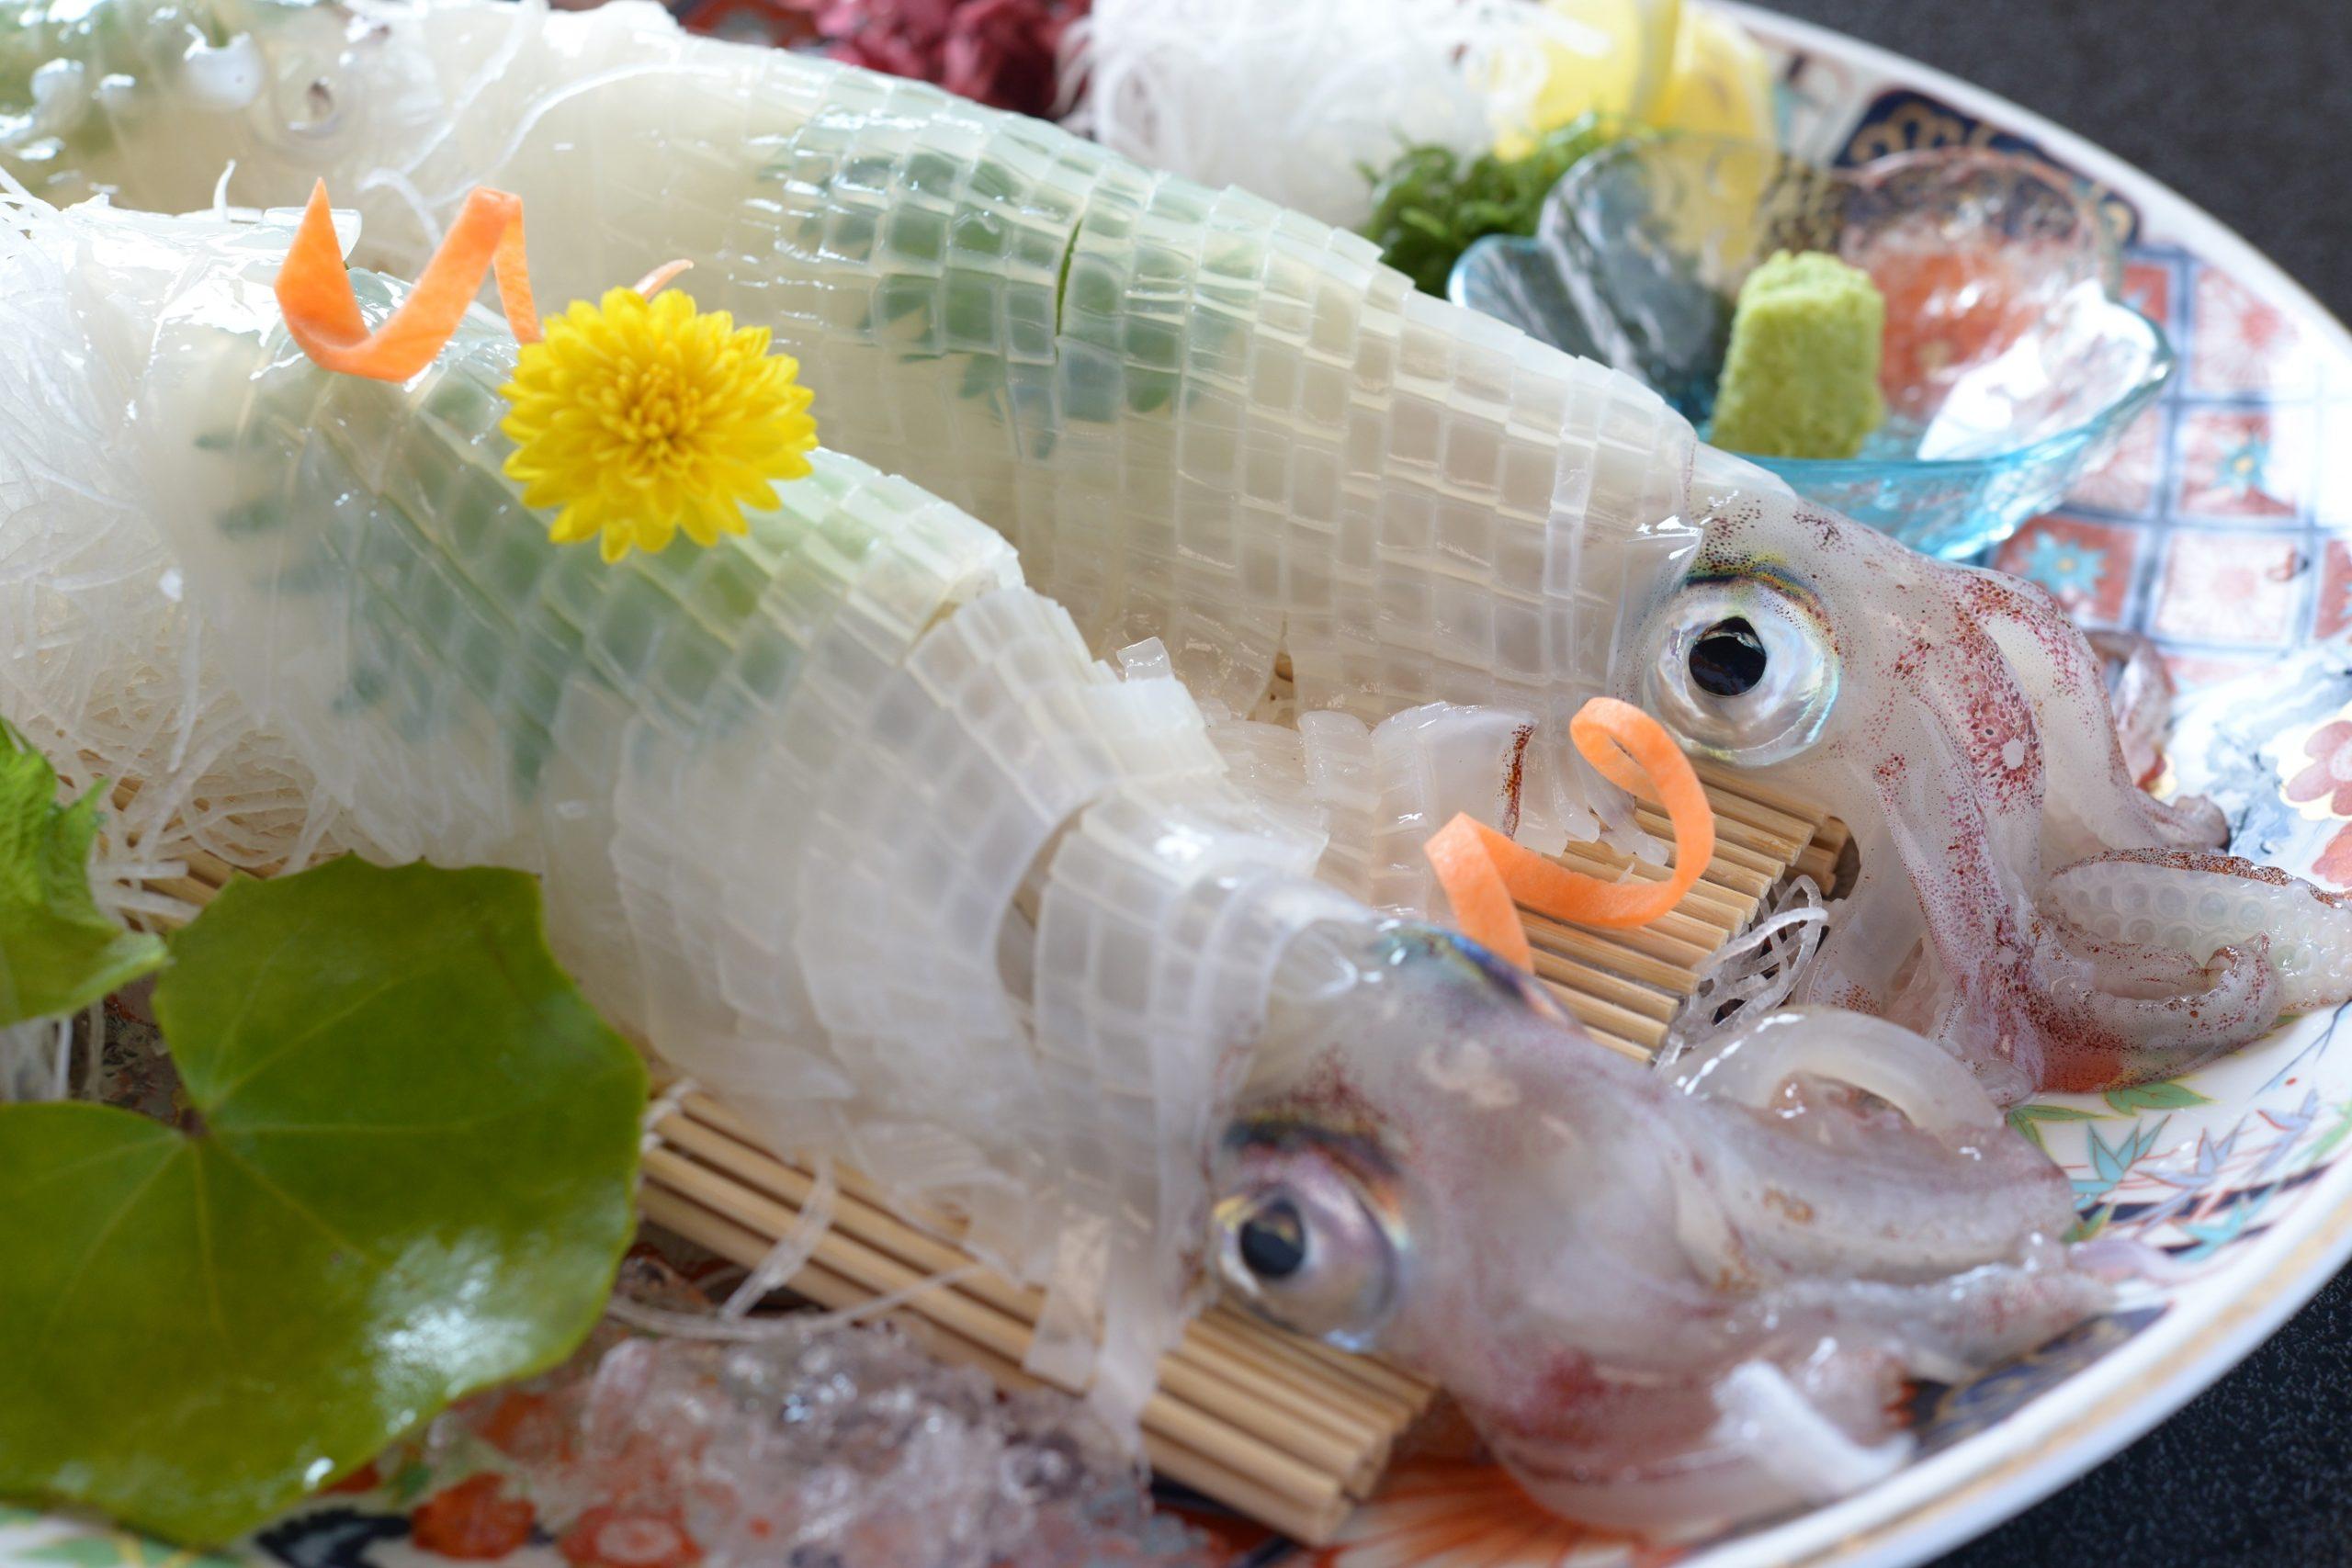 記念日に嬉しい食事券! 「さきめし/ごちめし」で人気の熊本グルメ